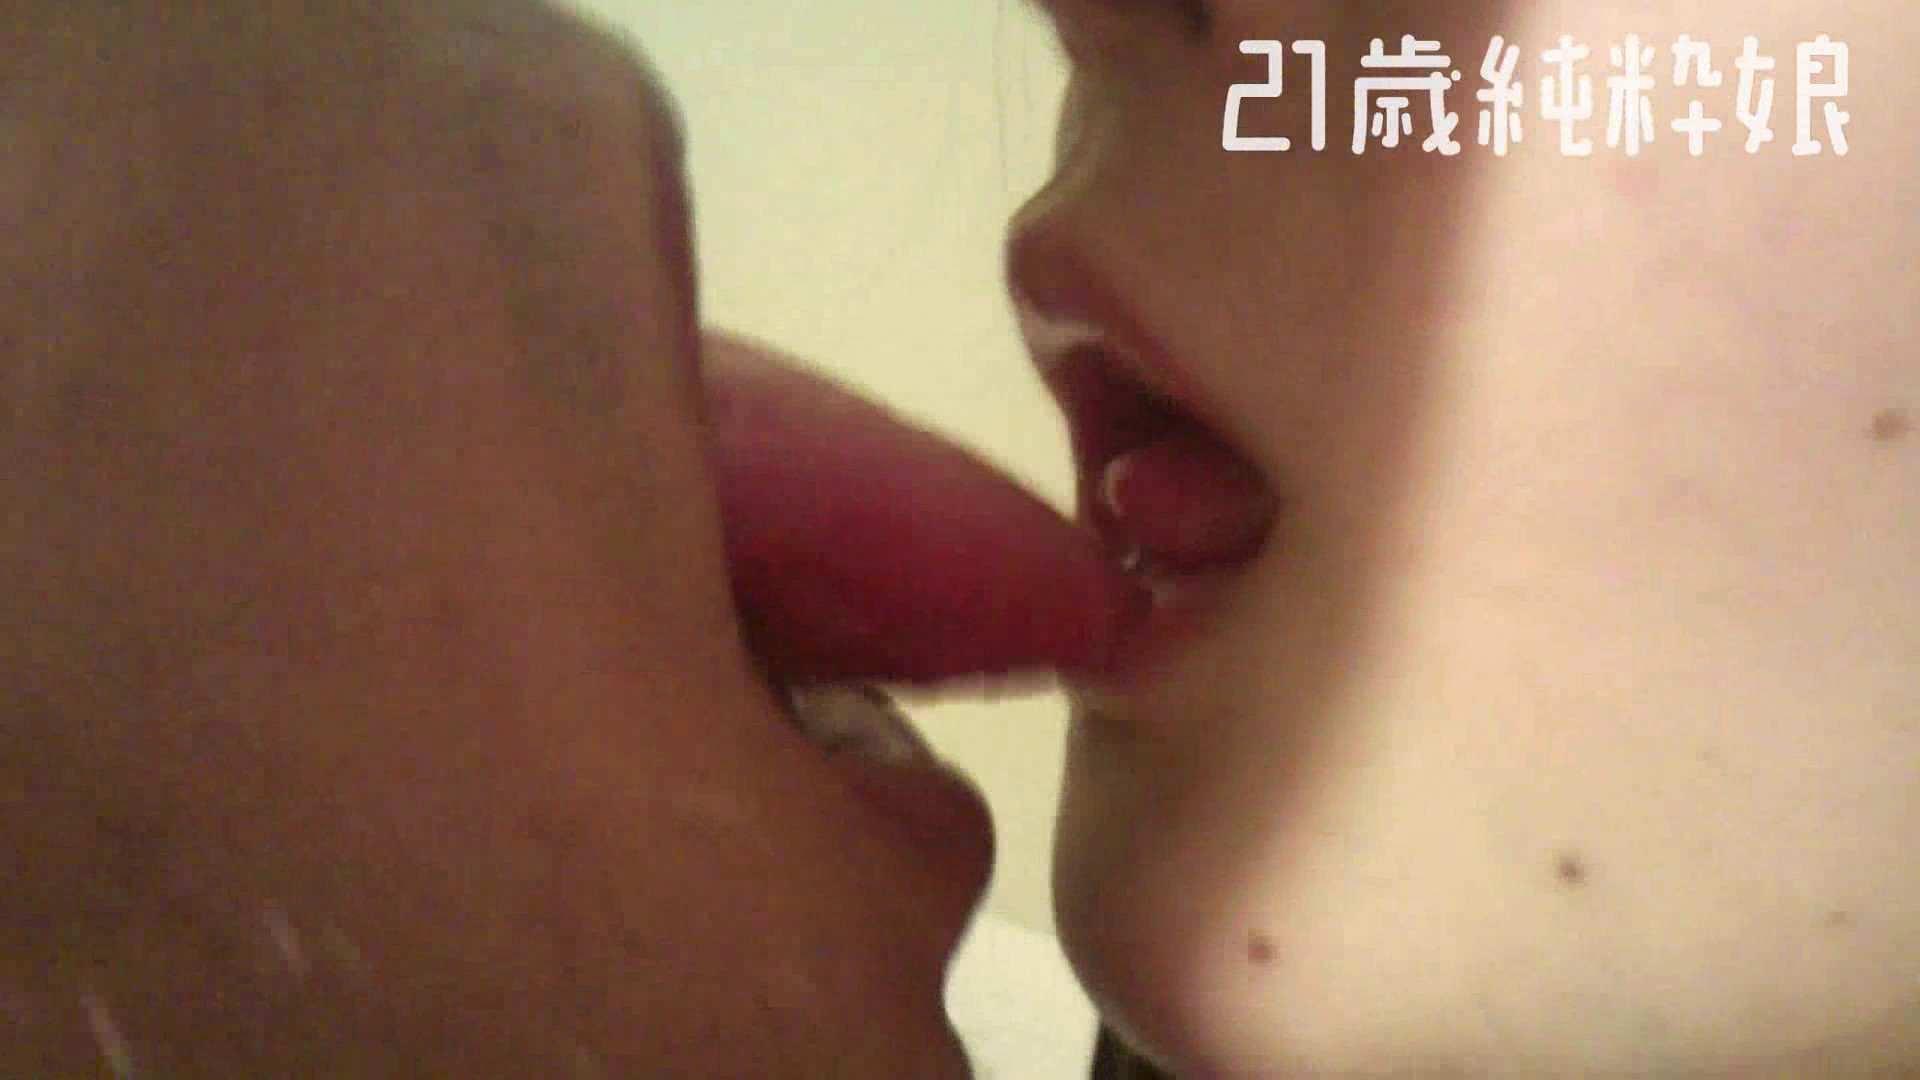 Gカップ21歳純粋嬢第2弾Vol.5 学校 | 性欲  108連発 79